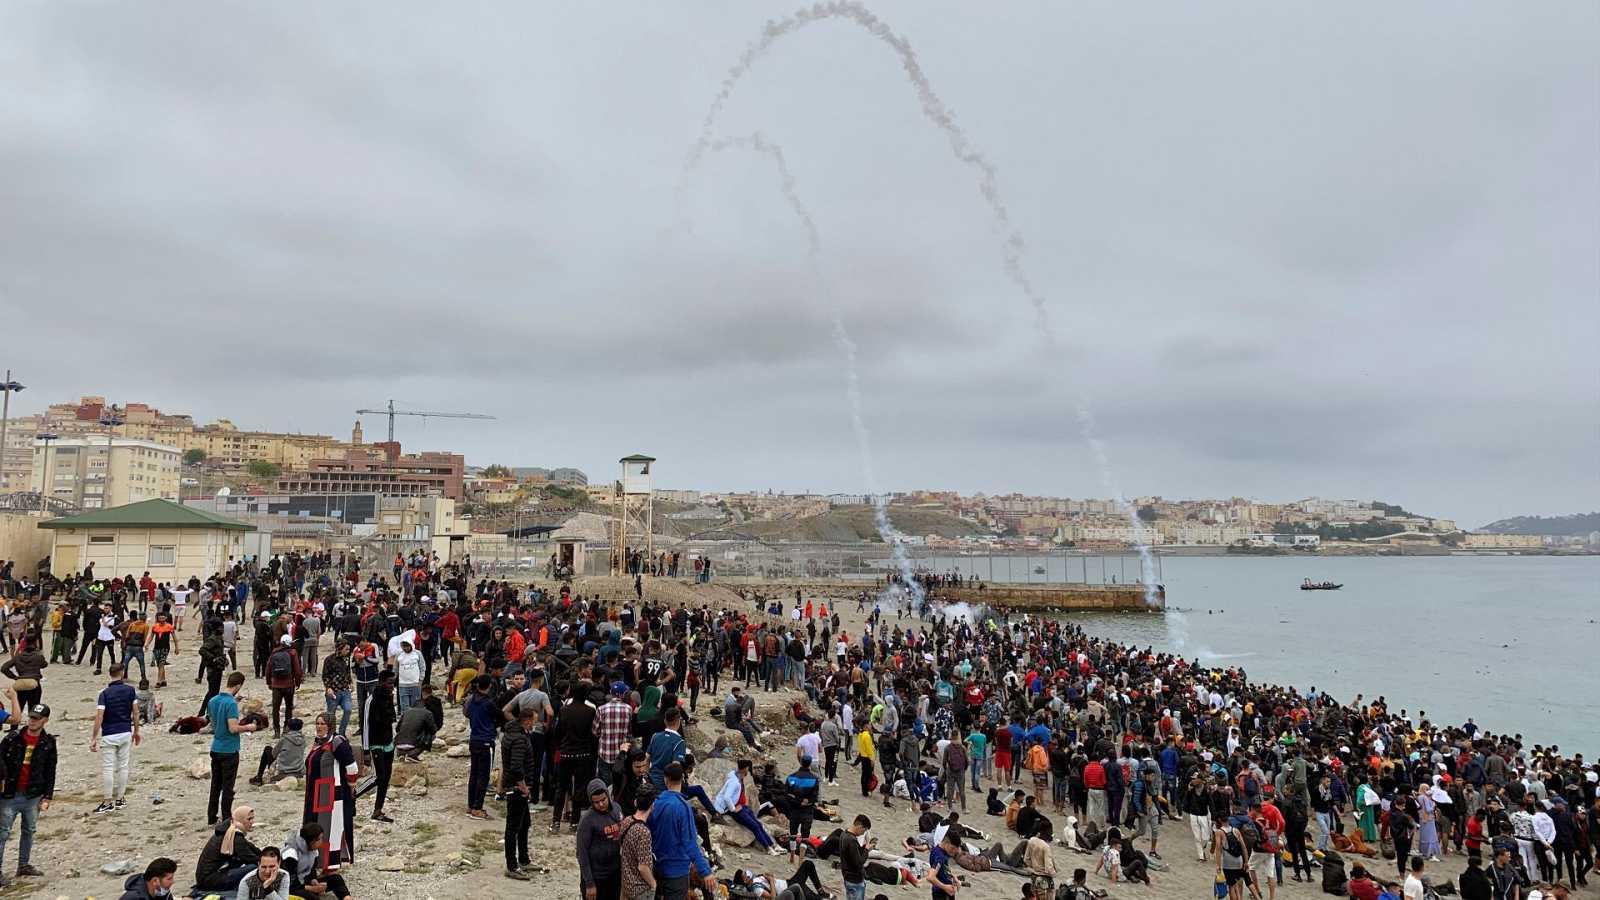 La UE se solidariza con España y pide a Marruecos que respete sus compromisos contra la inmigración irregular